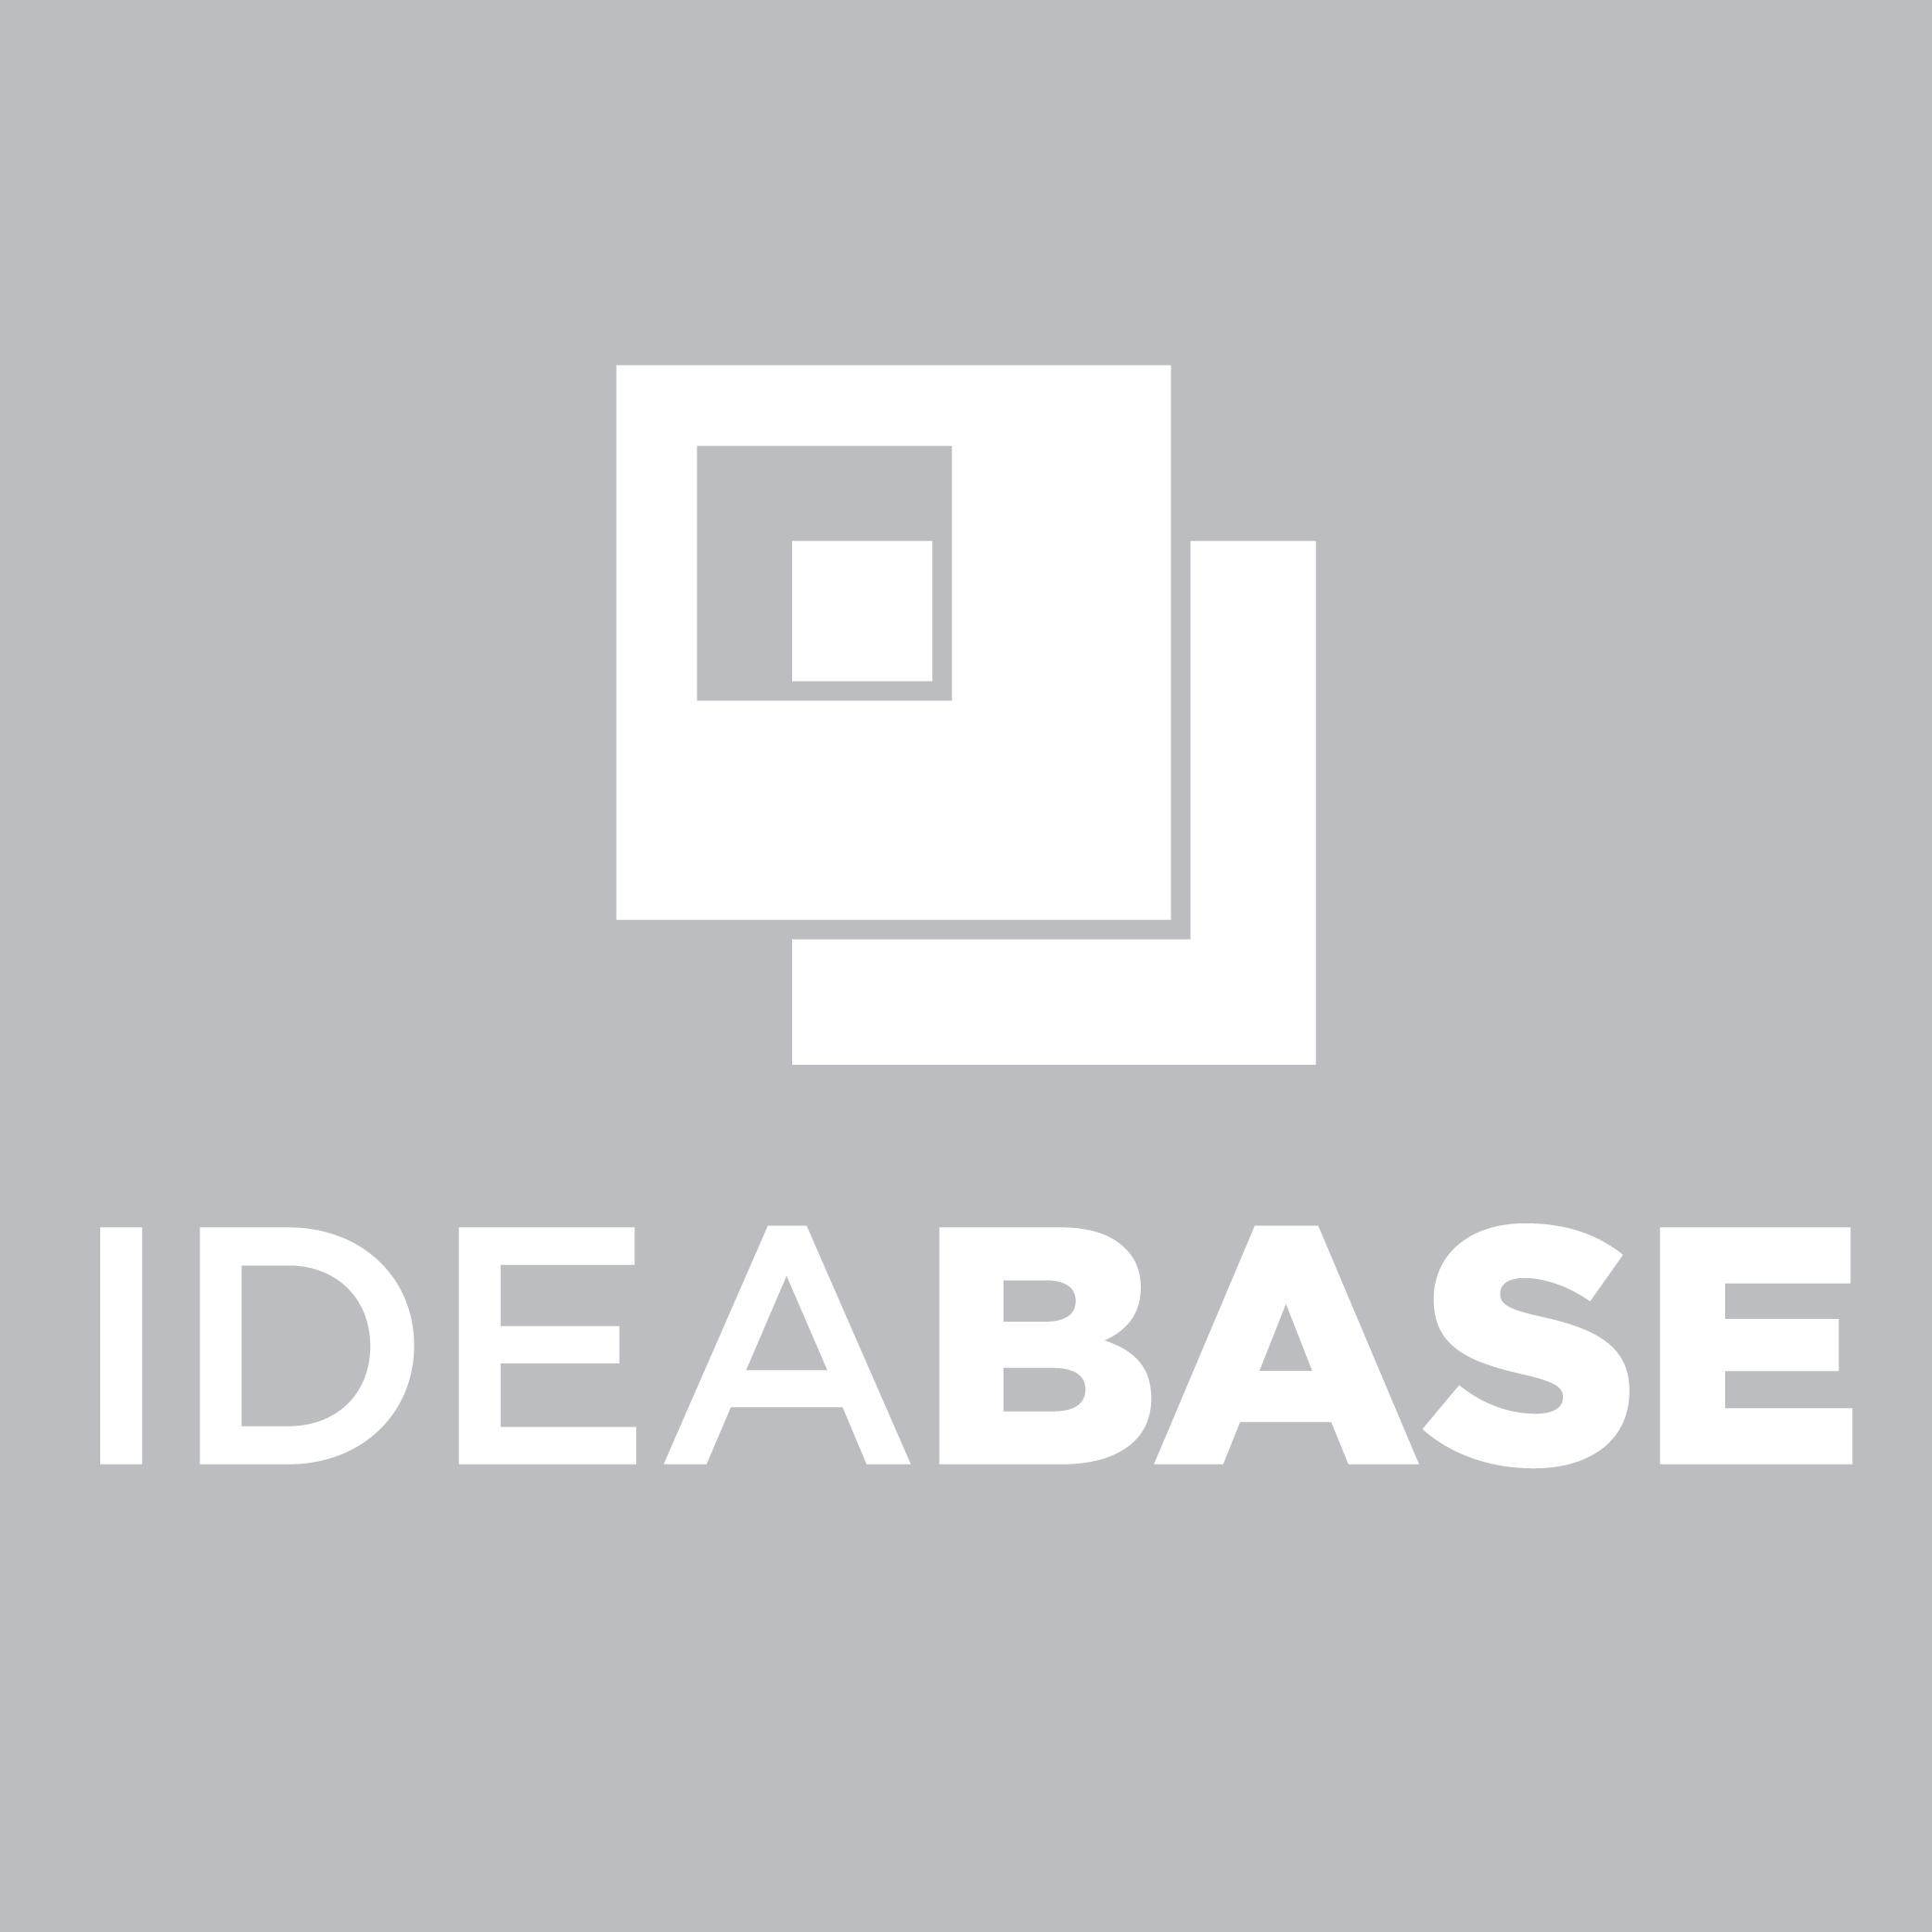 Idea Base Logo Vertical White